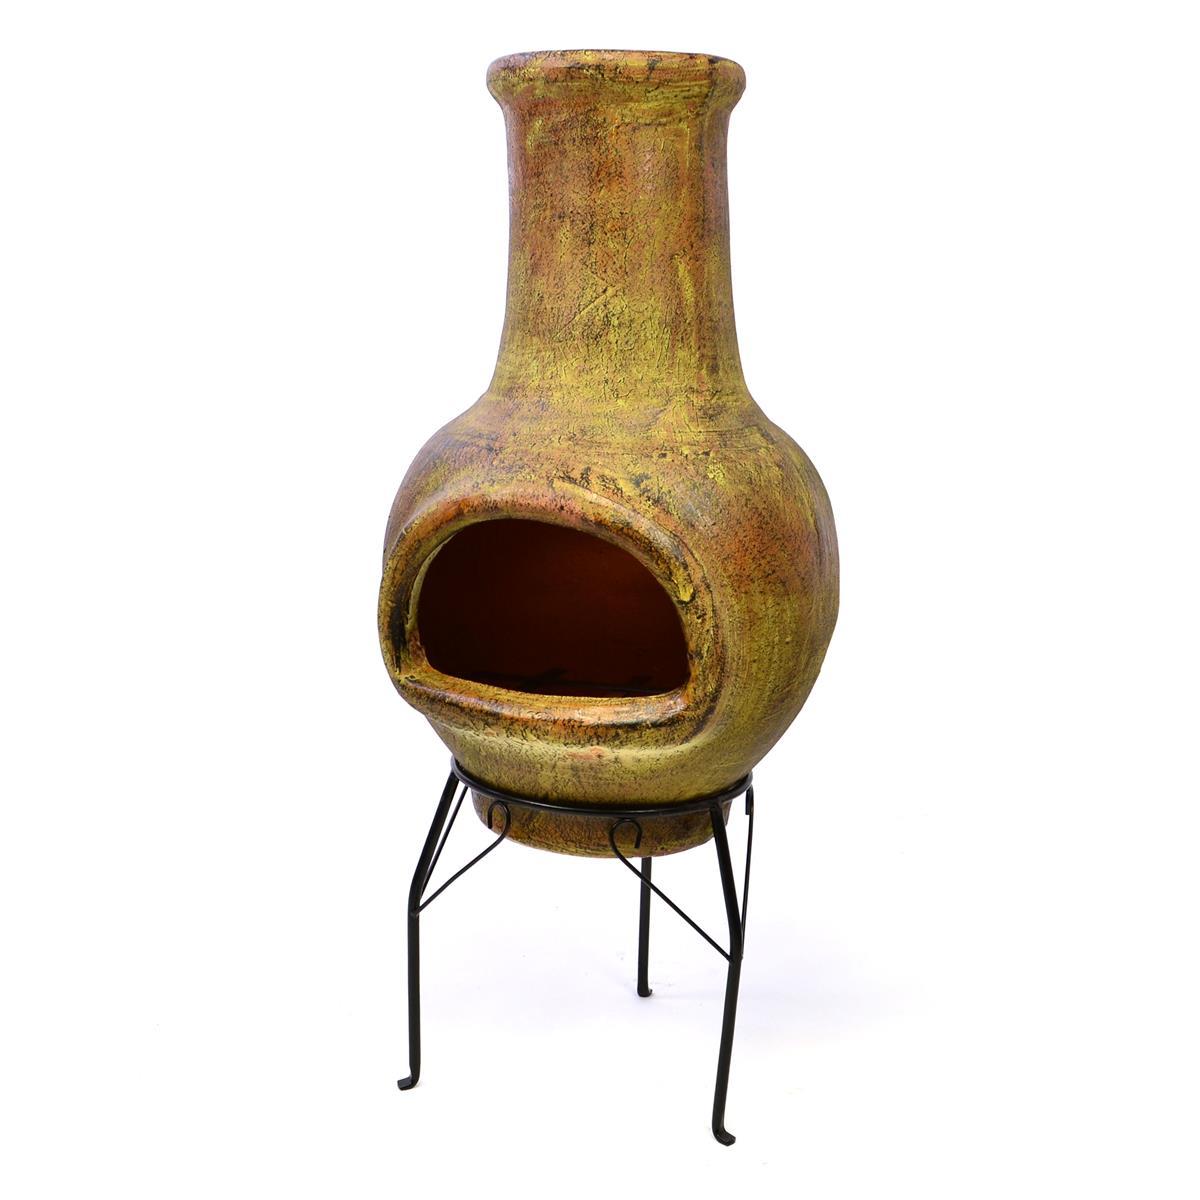 Terrassenofen Gartenkamin Terracotta 83 cm Mexico Ofen